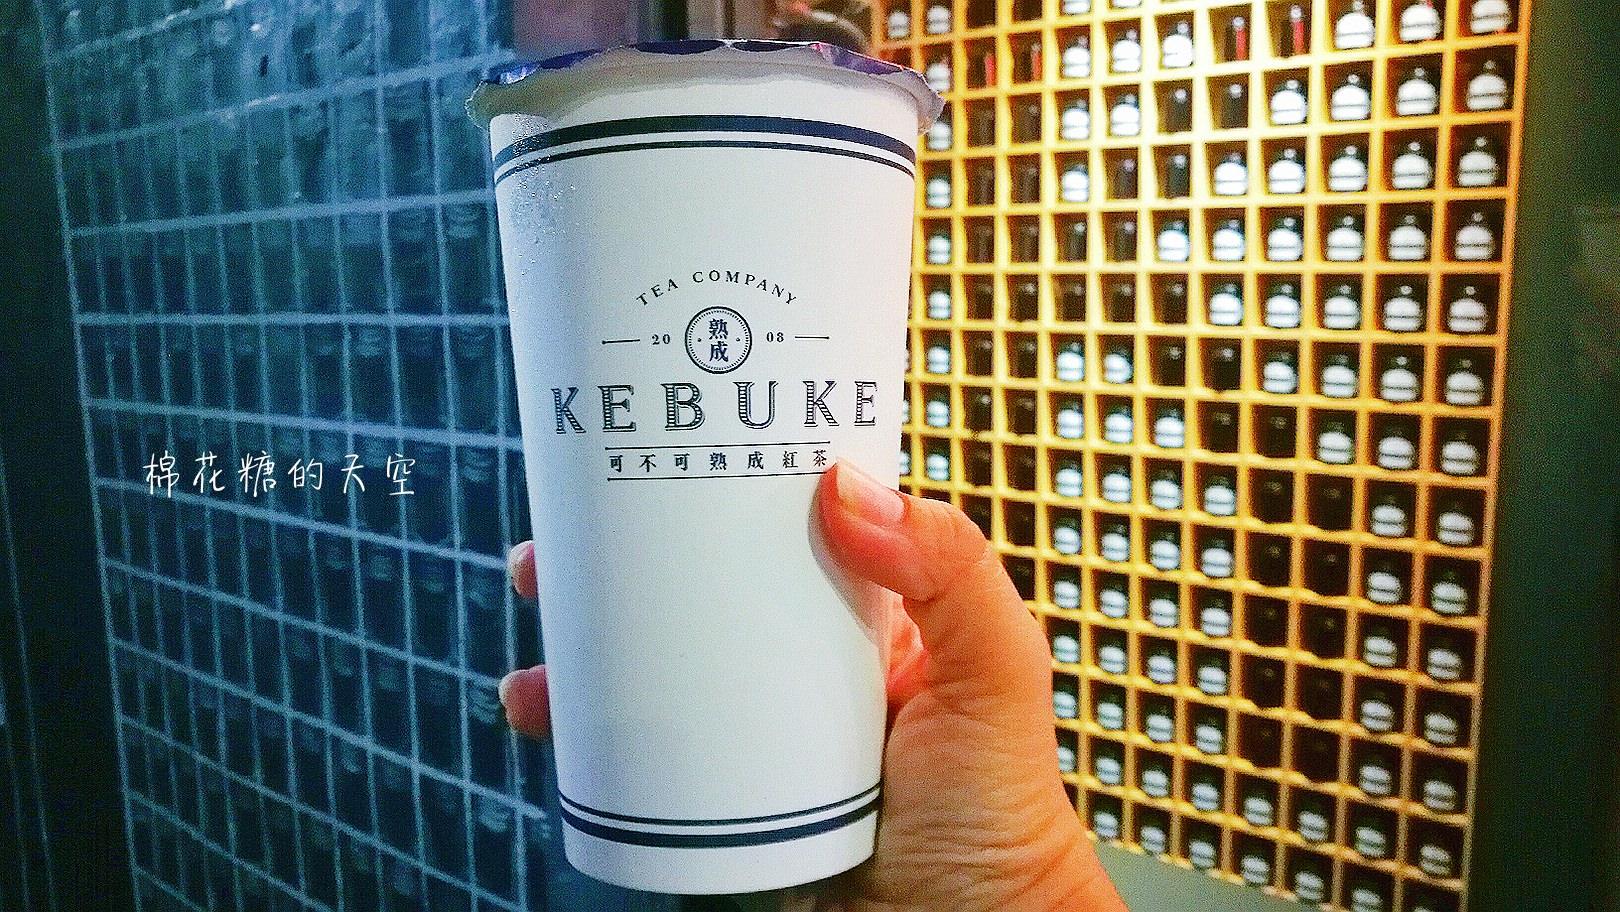 20180321212539 73 - 台中也有藍晒圖!可不可紅茶無極限阿!